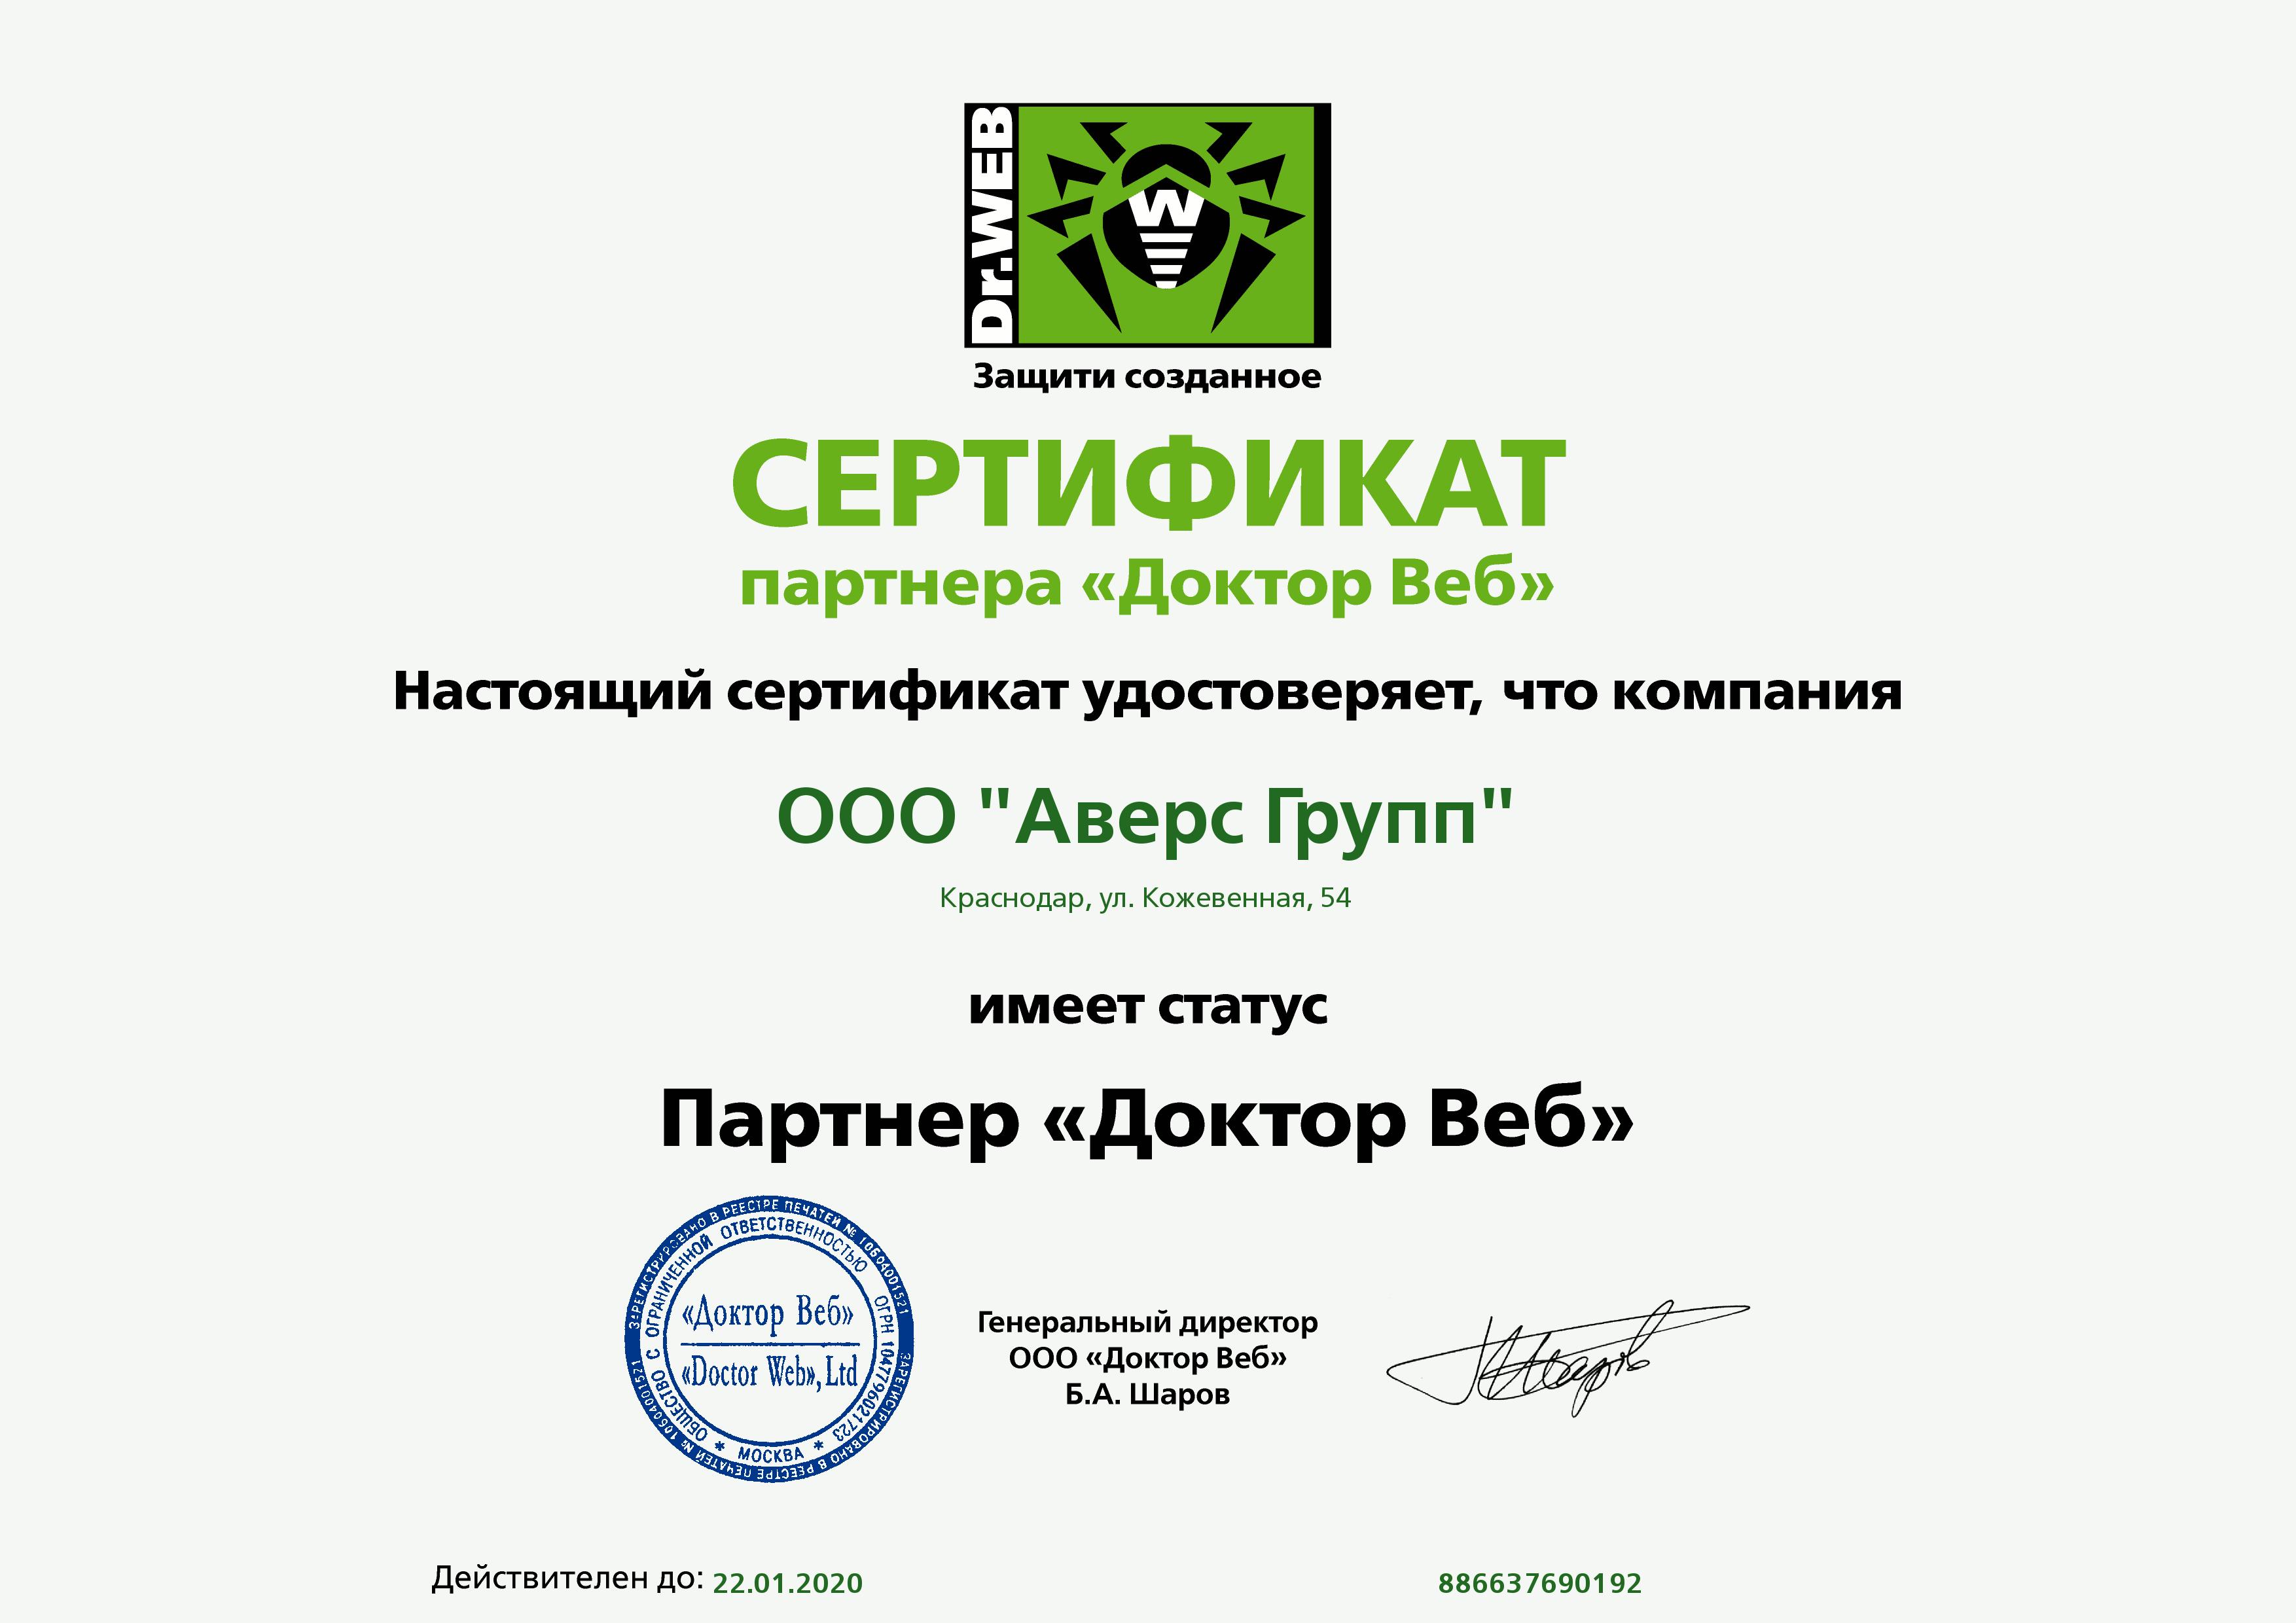 Сертификат партнера Dr.WEB 2019